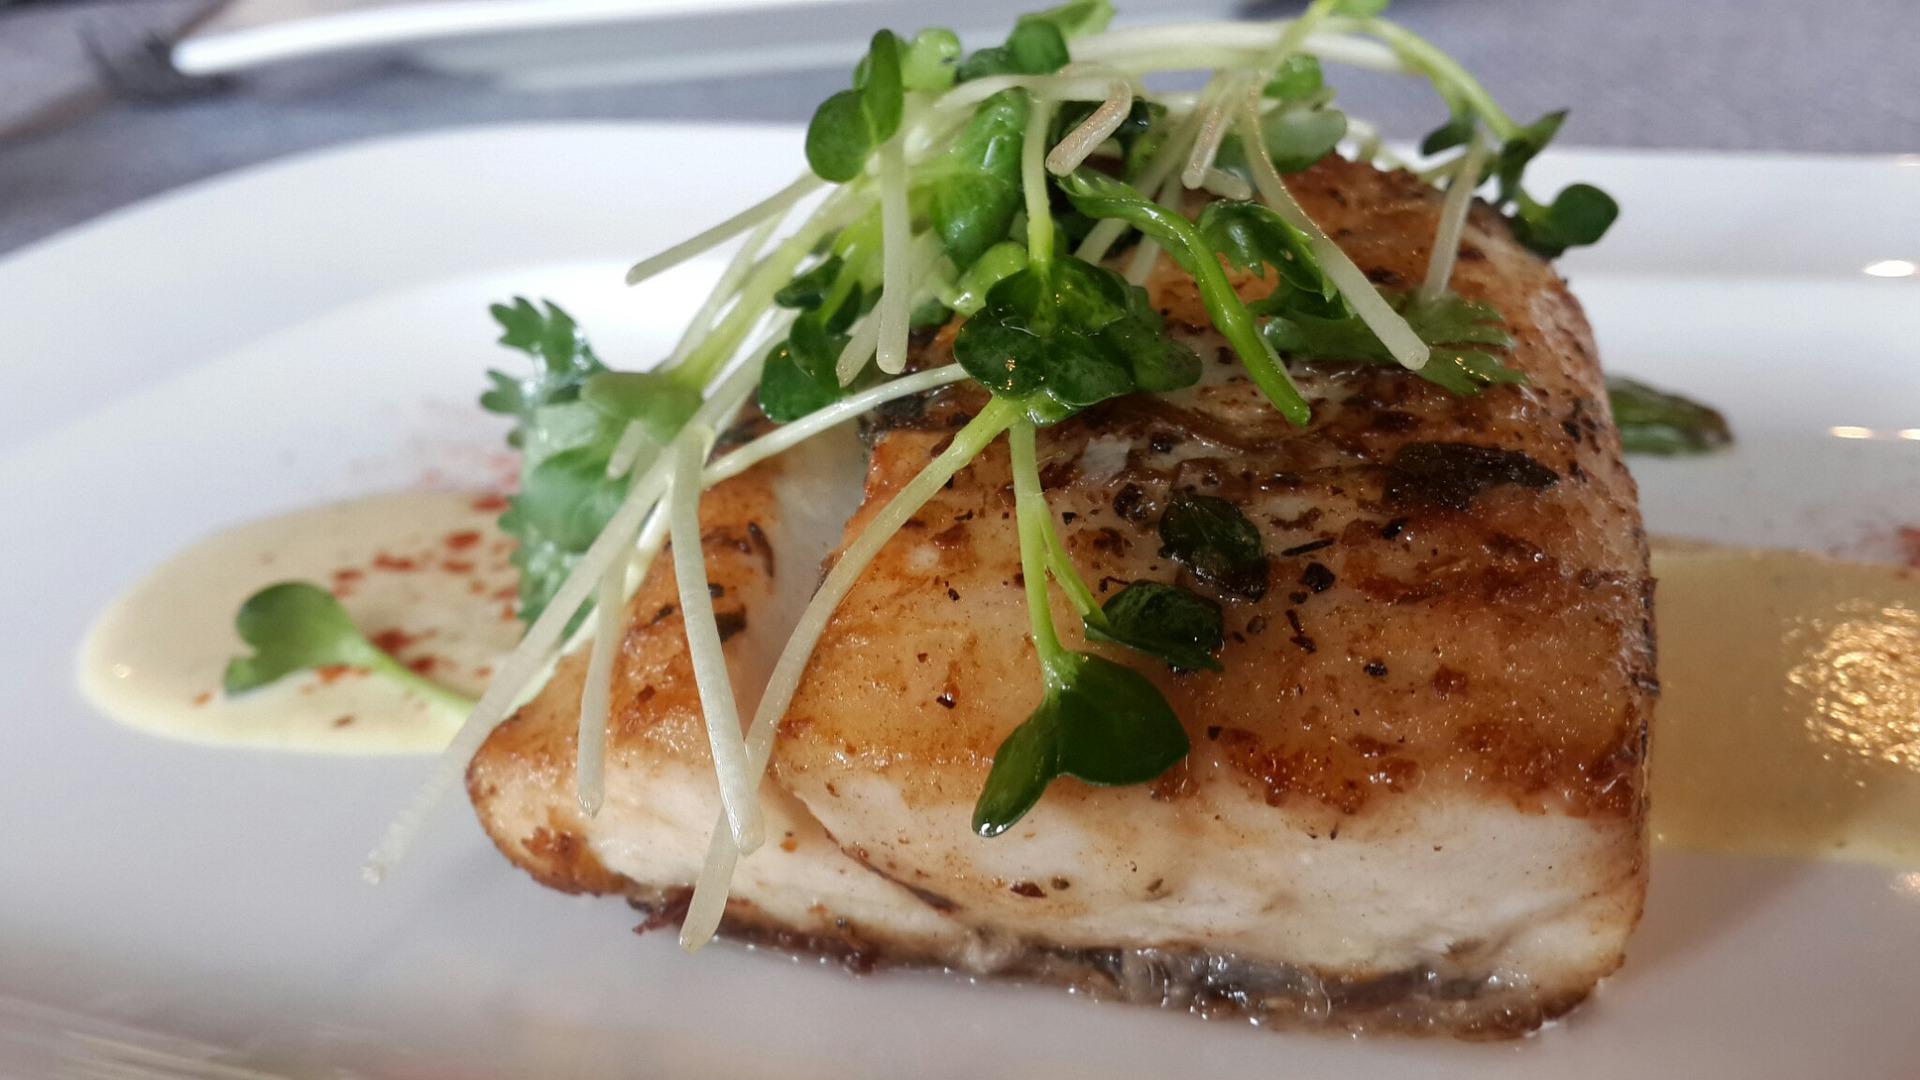 Riba u prehrani smanjuje smrtnost od karcinoma prostate